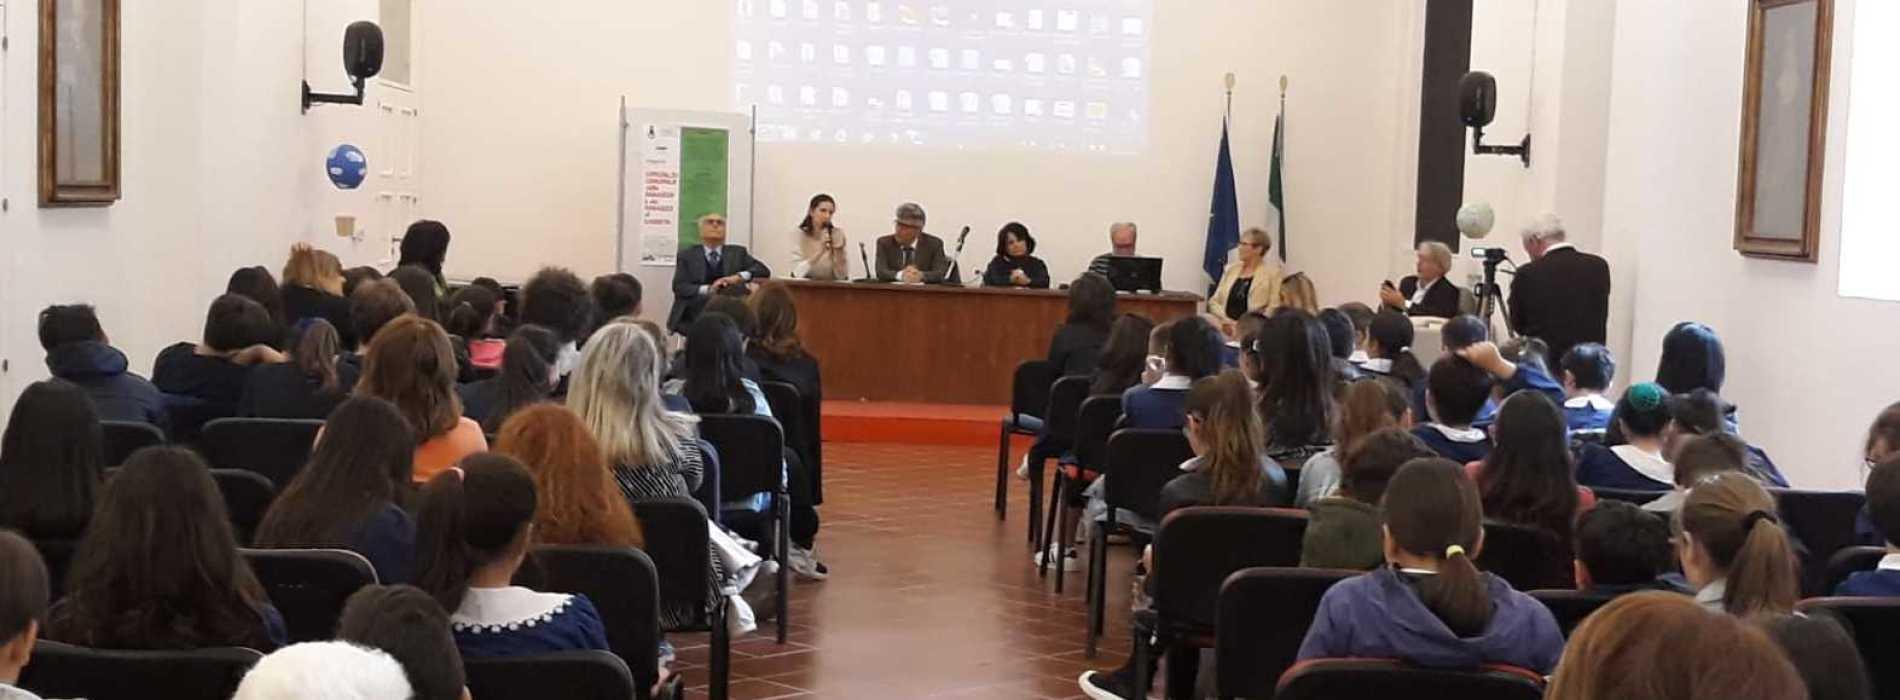 """Caserta, Corvino: """"Avviciniamo i giovani alle istituzioni"""""""